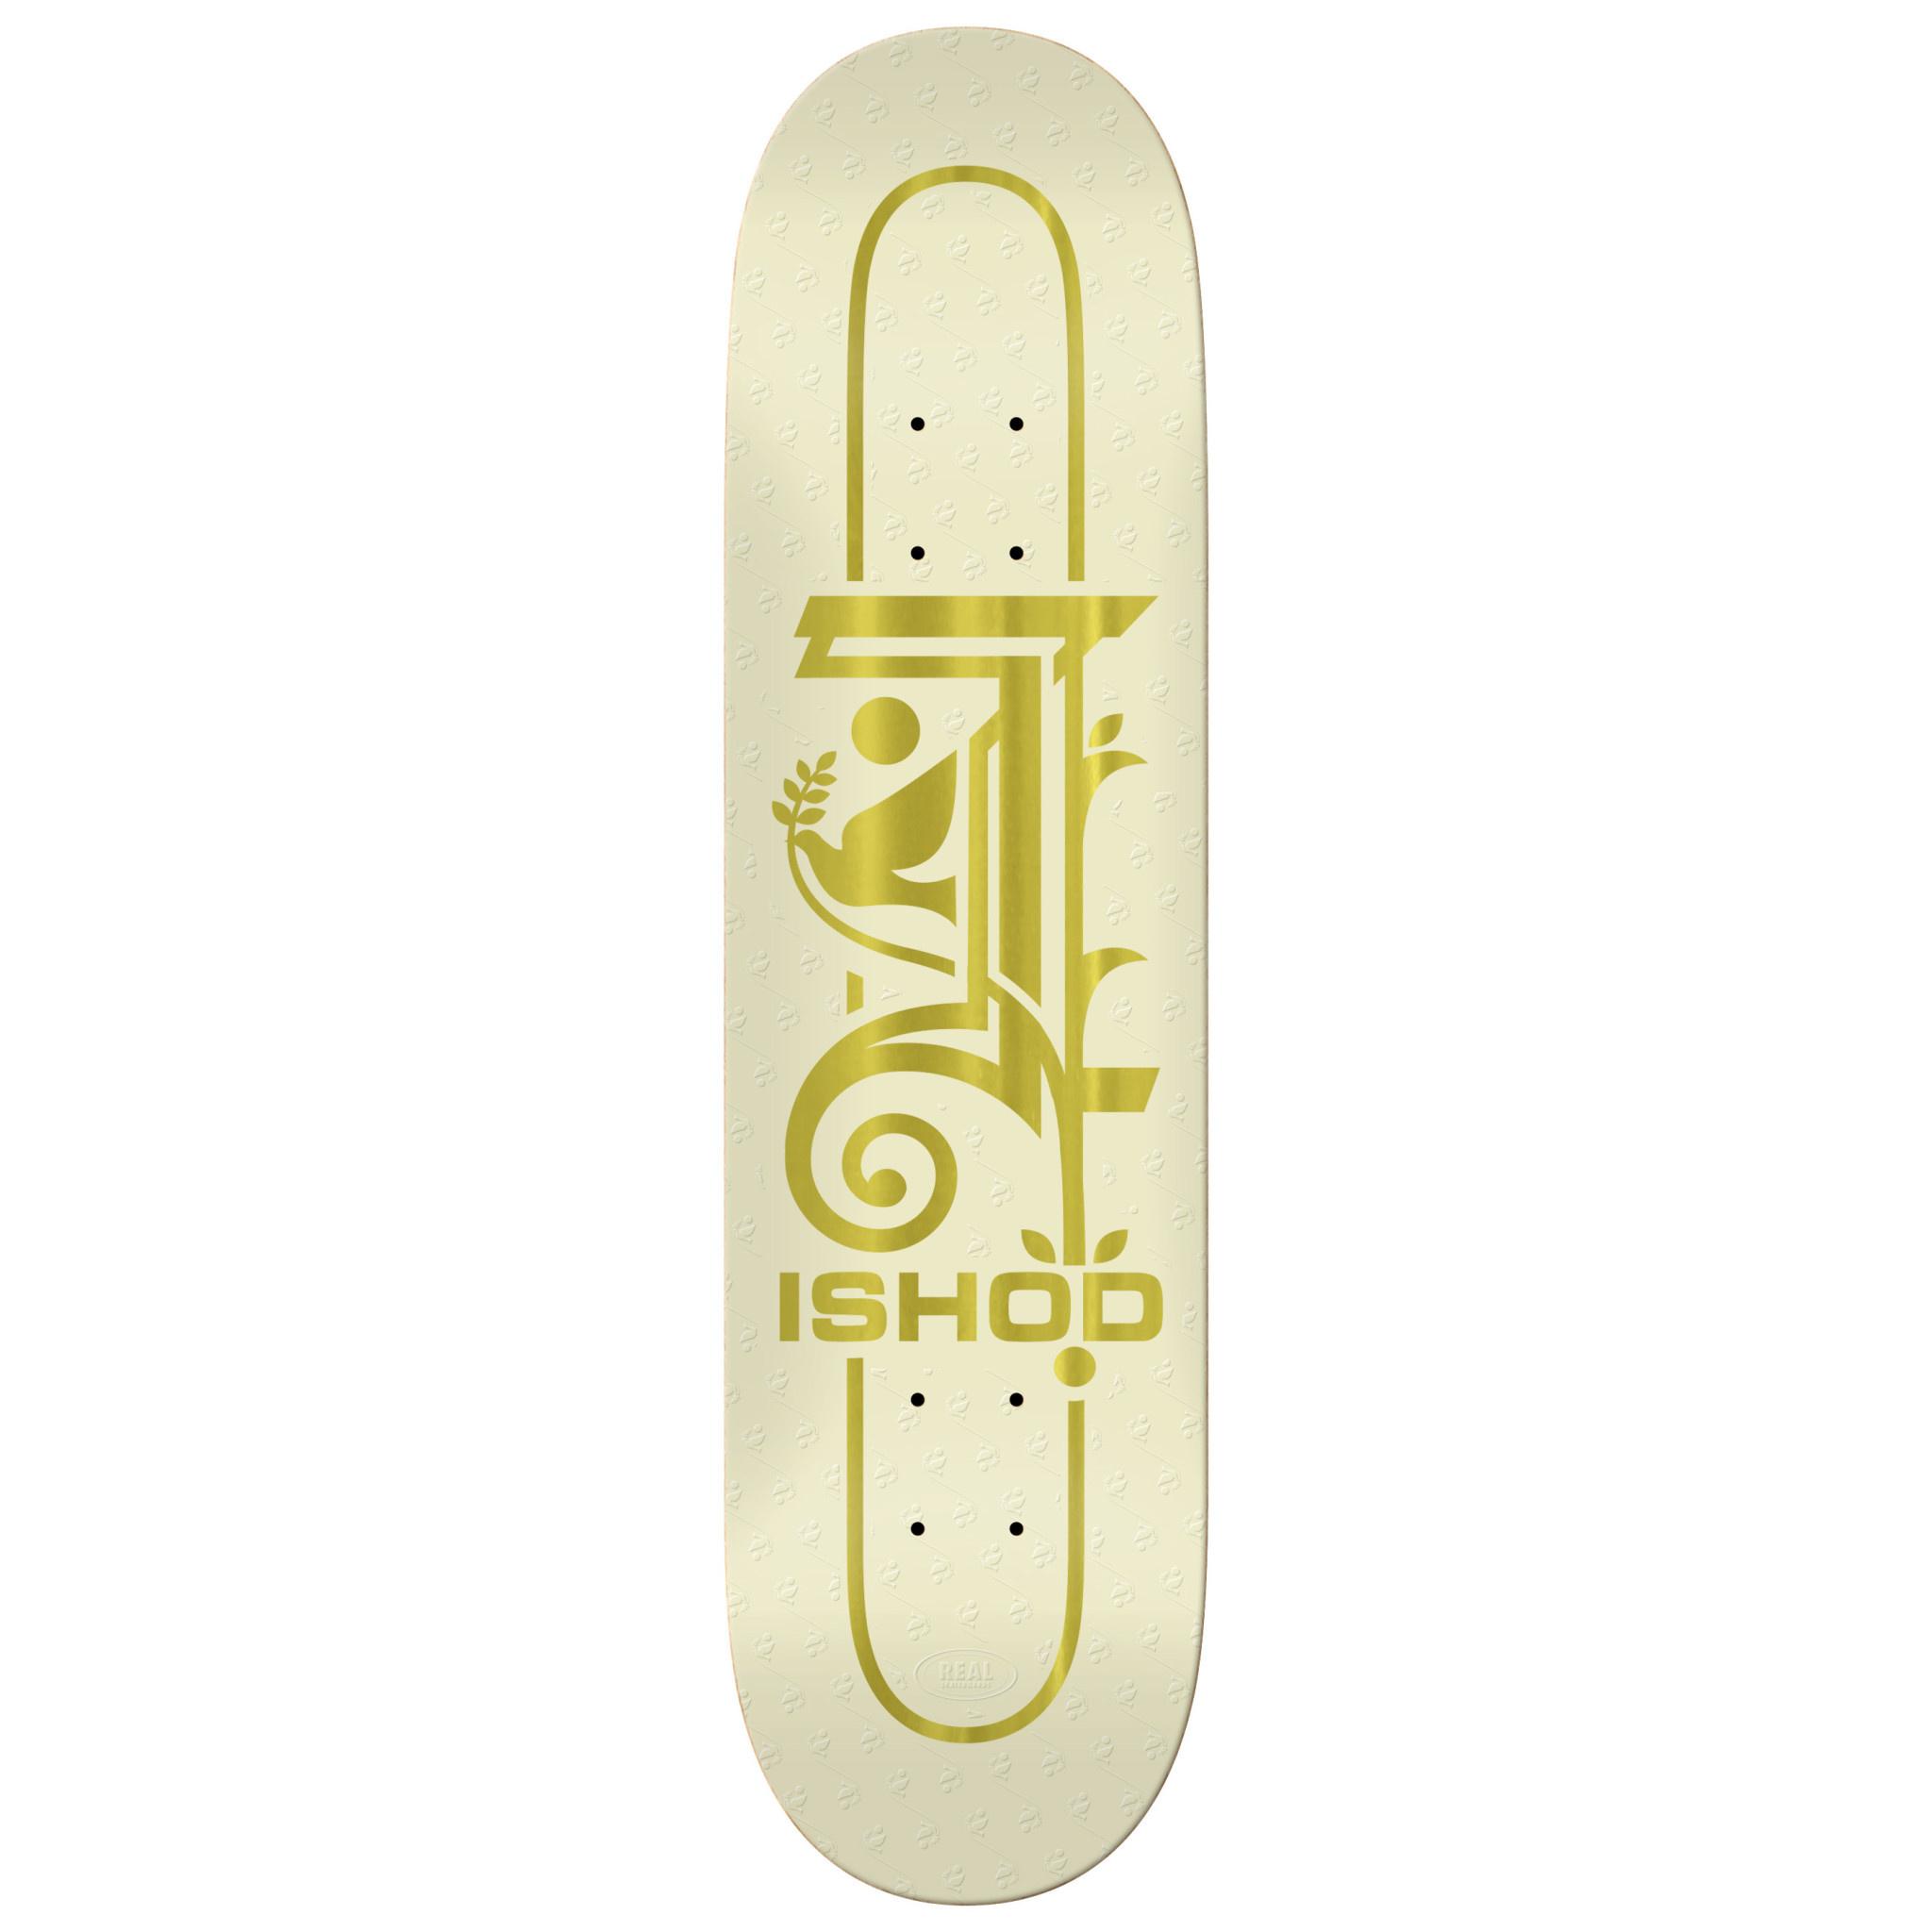 Real Skateboards Ishod Crest 8.25